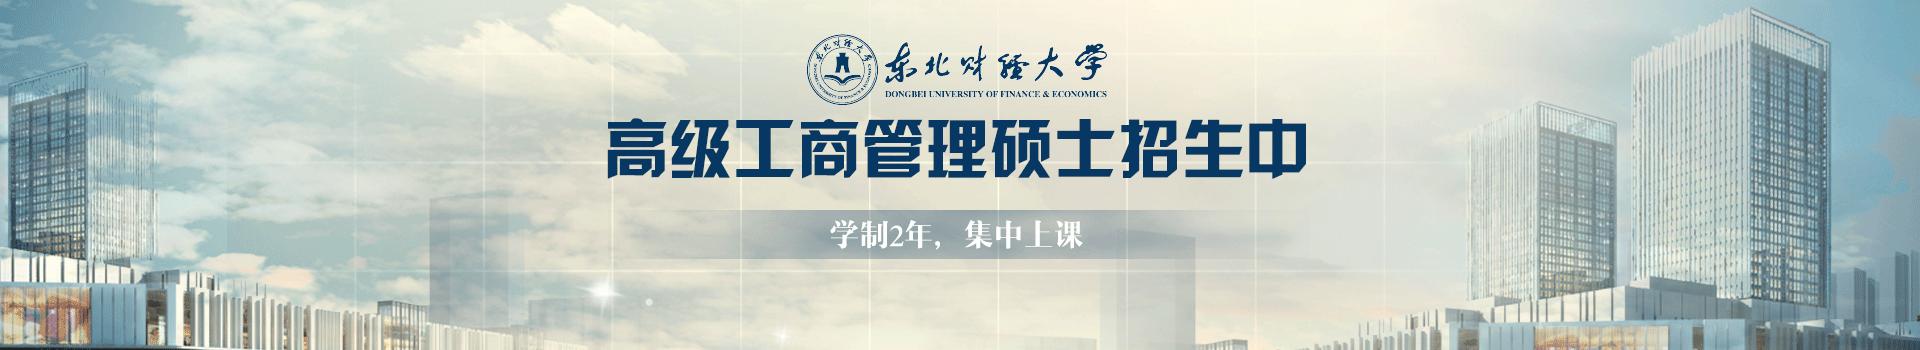 东北财经大学工商管理学院高级工商管理硕士EMBA招生简章